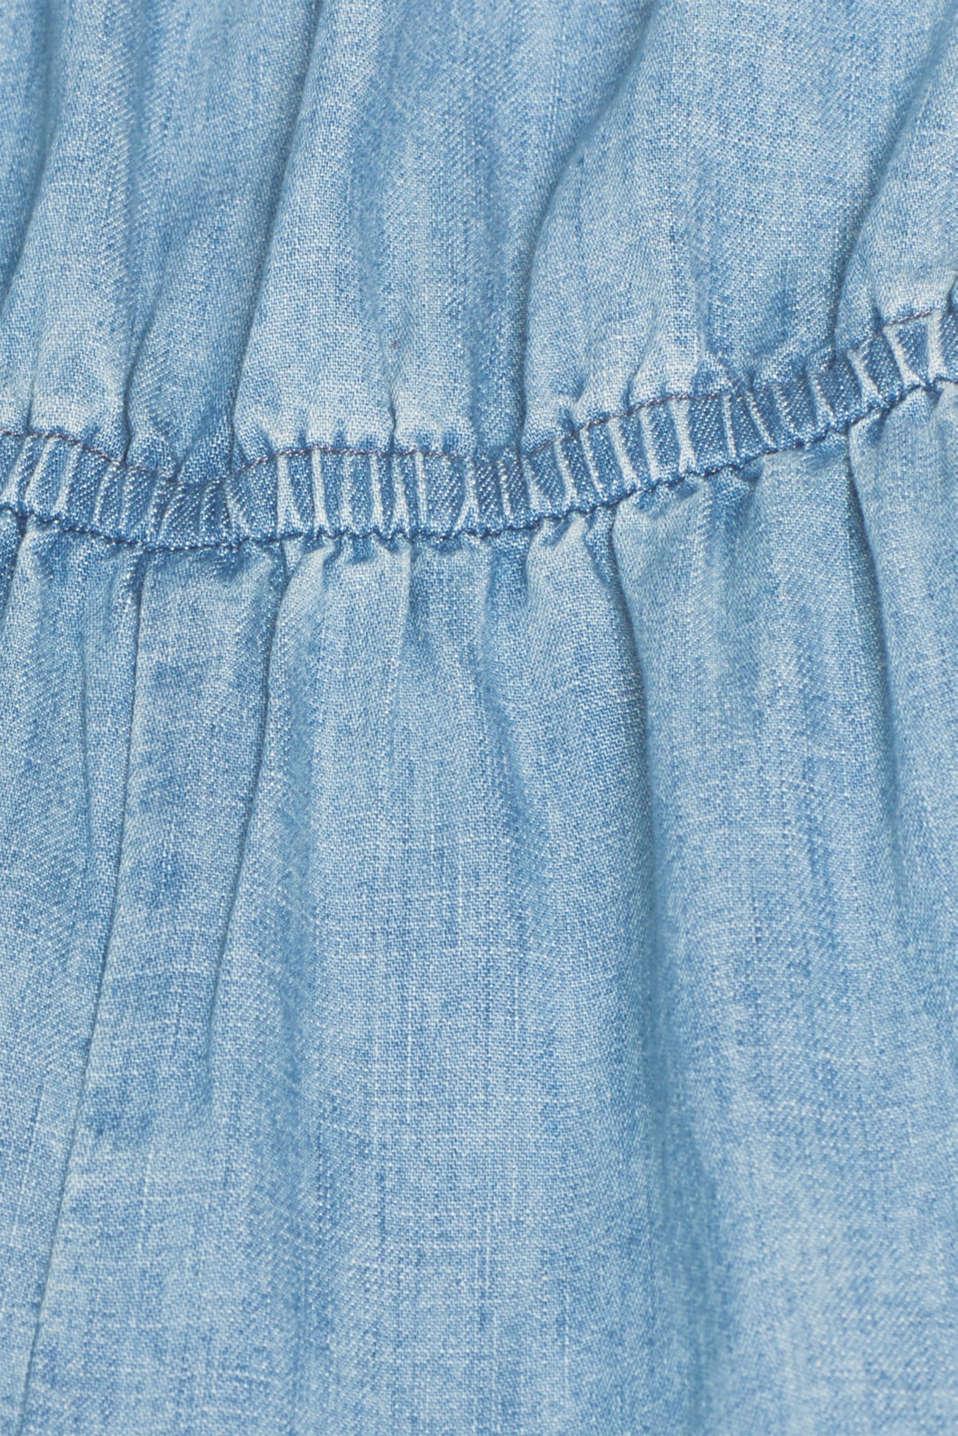 Overalls denim, BLUE LIGHT WASH, detail image number 5